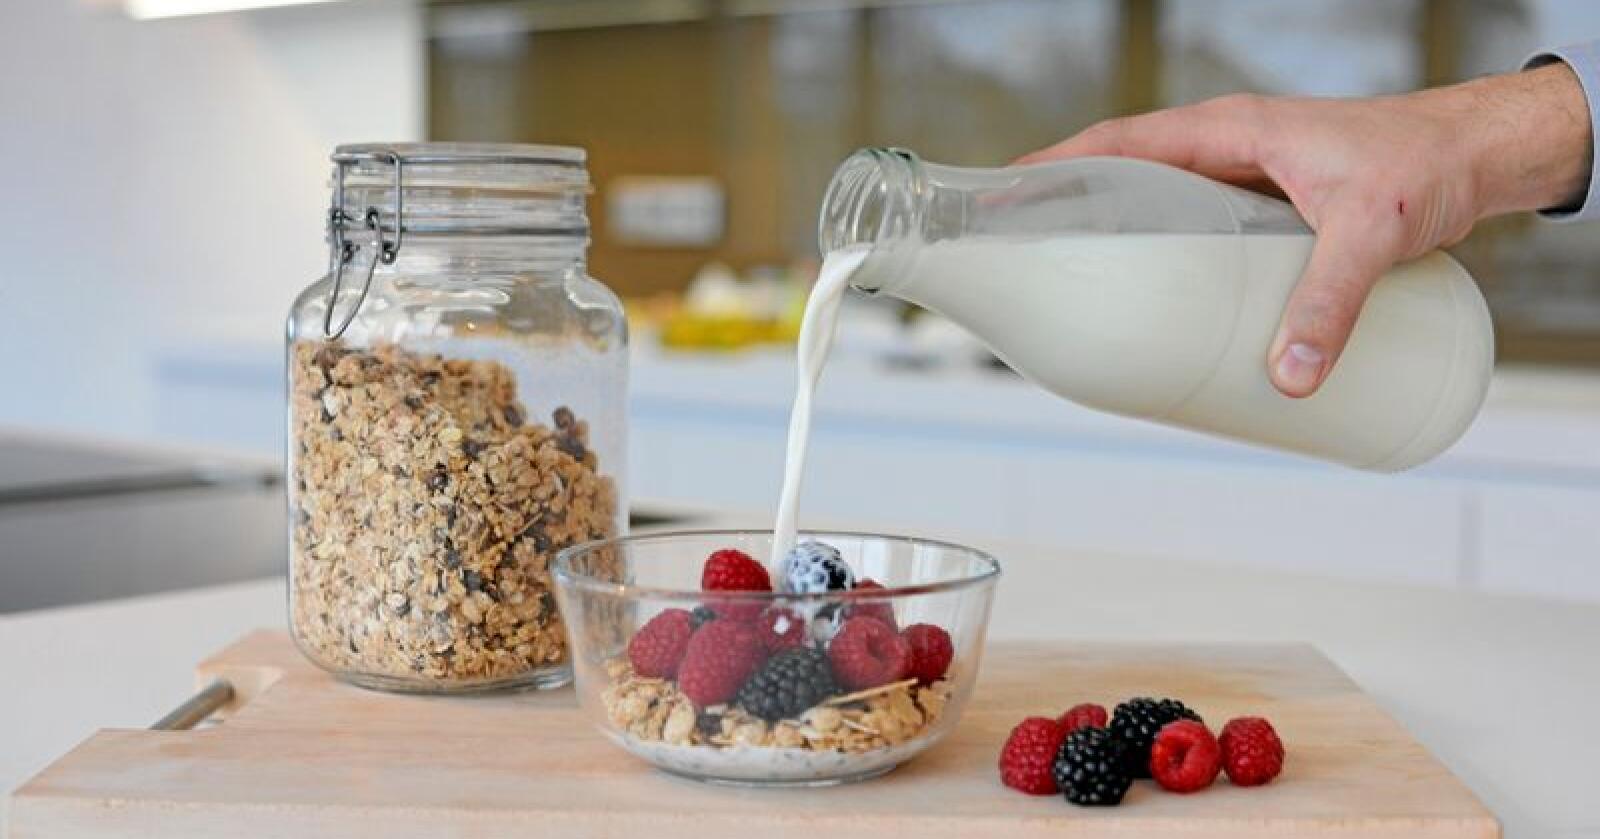 Hvert skoleår bruker EU 2,5 milliarder kroner på å støtte utdeling av melk, frukt og grønt til rundt 20 millioner skolebarn i unionen. Illustrasjonsfoto: Frank May / NTB scanpix